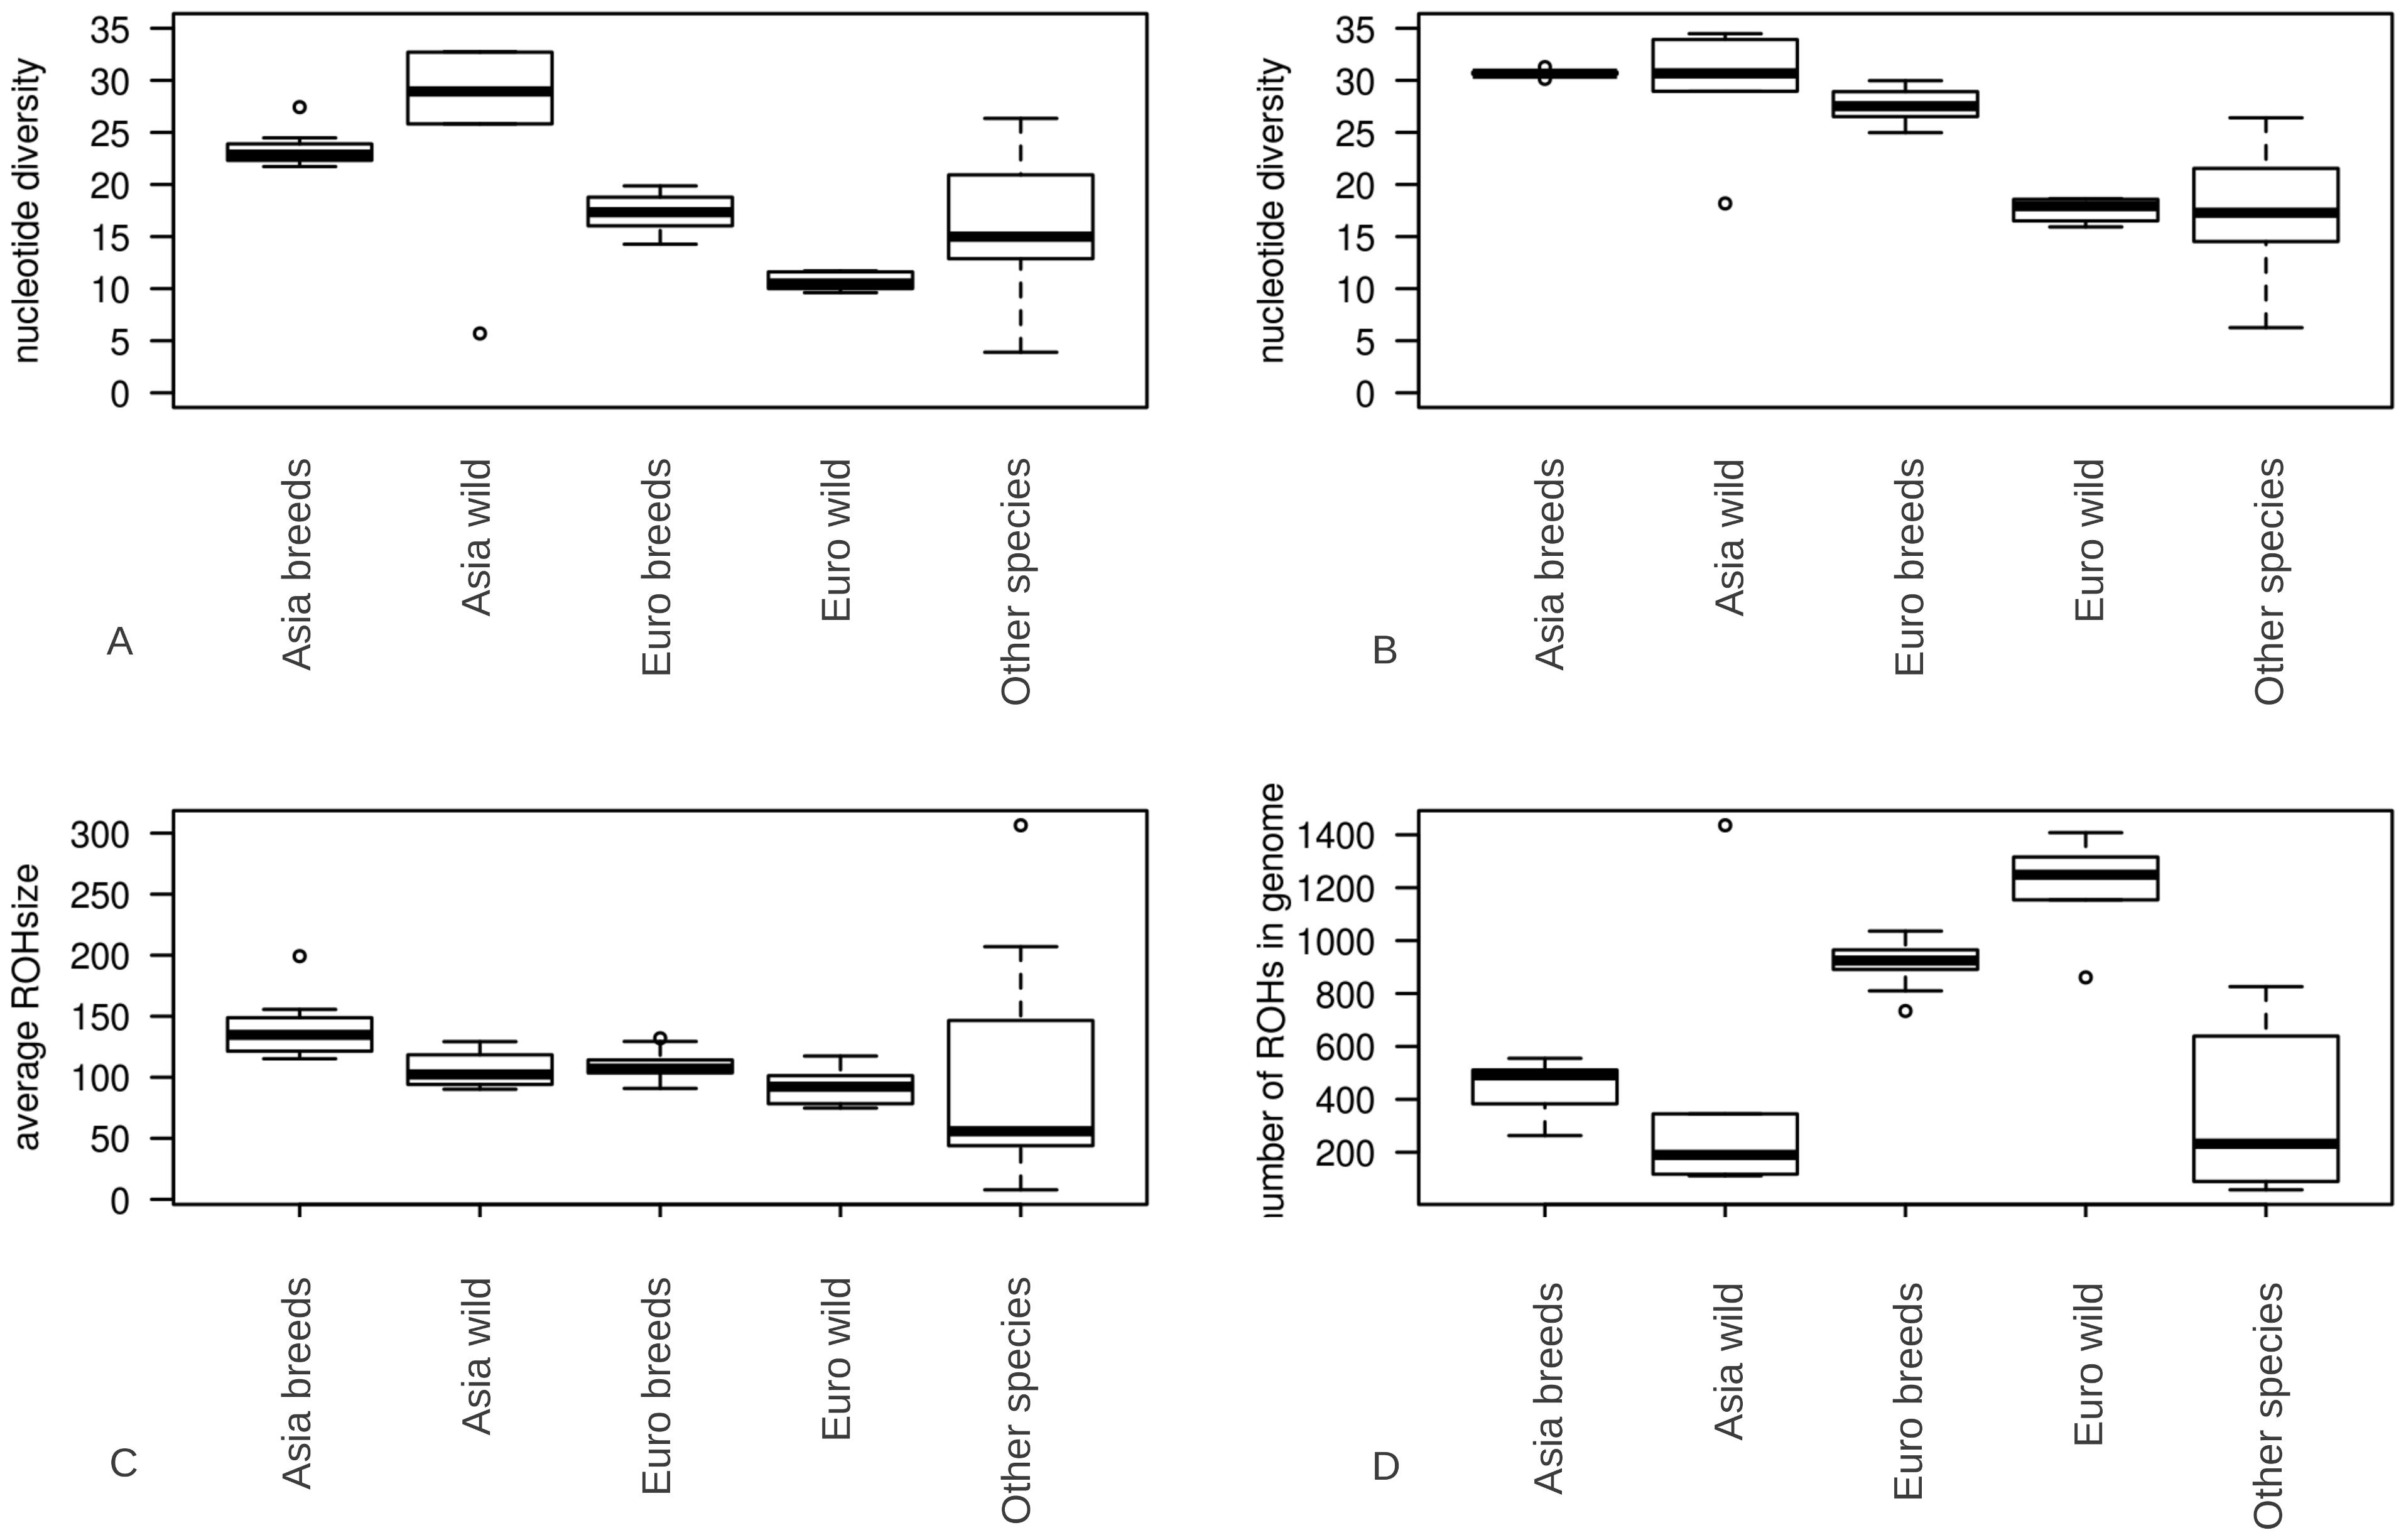 Summary statistics for genomic variation.